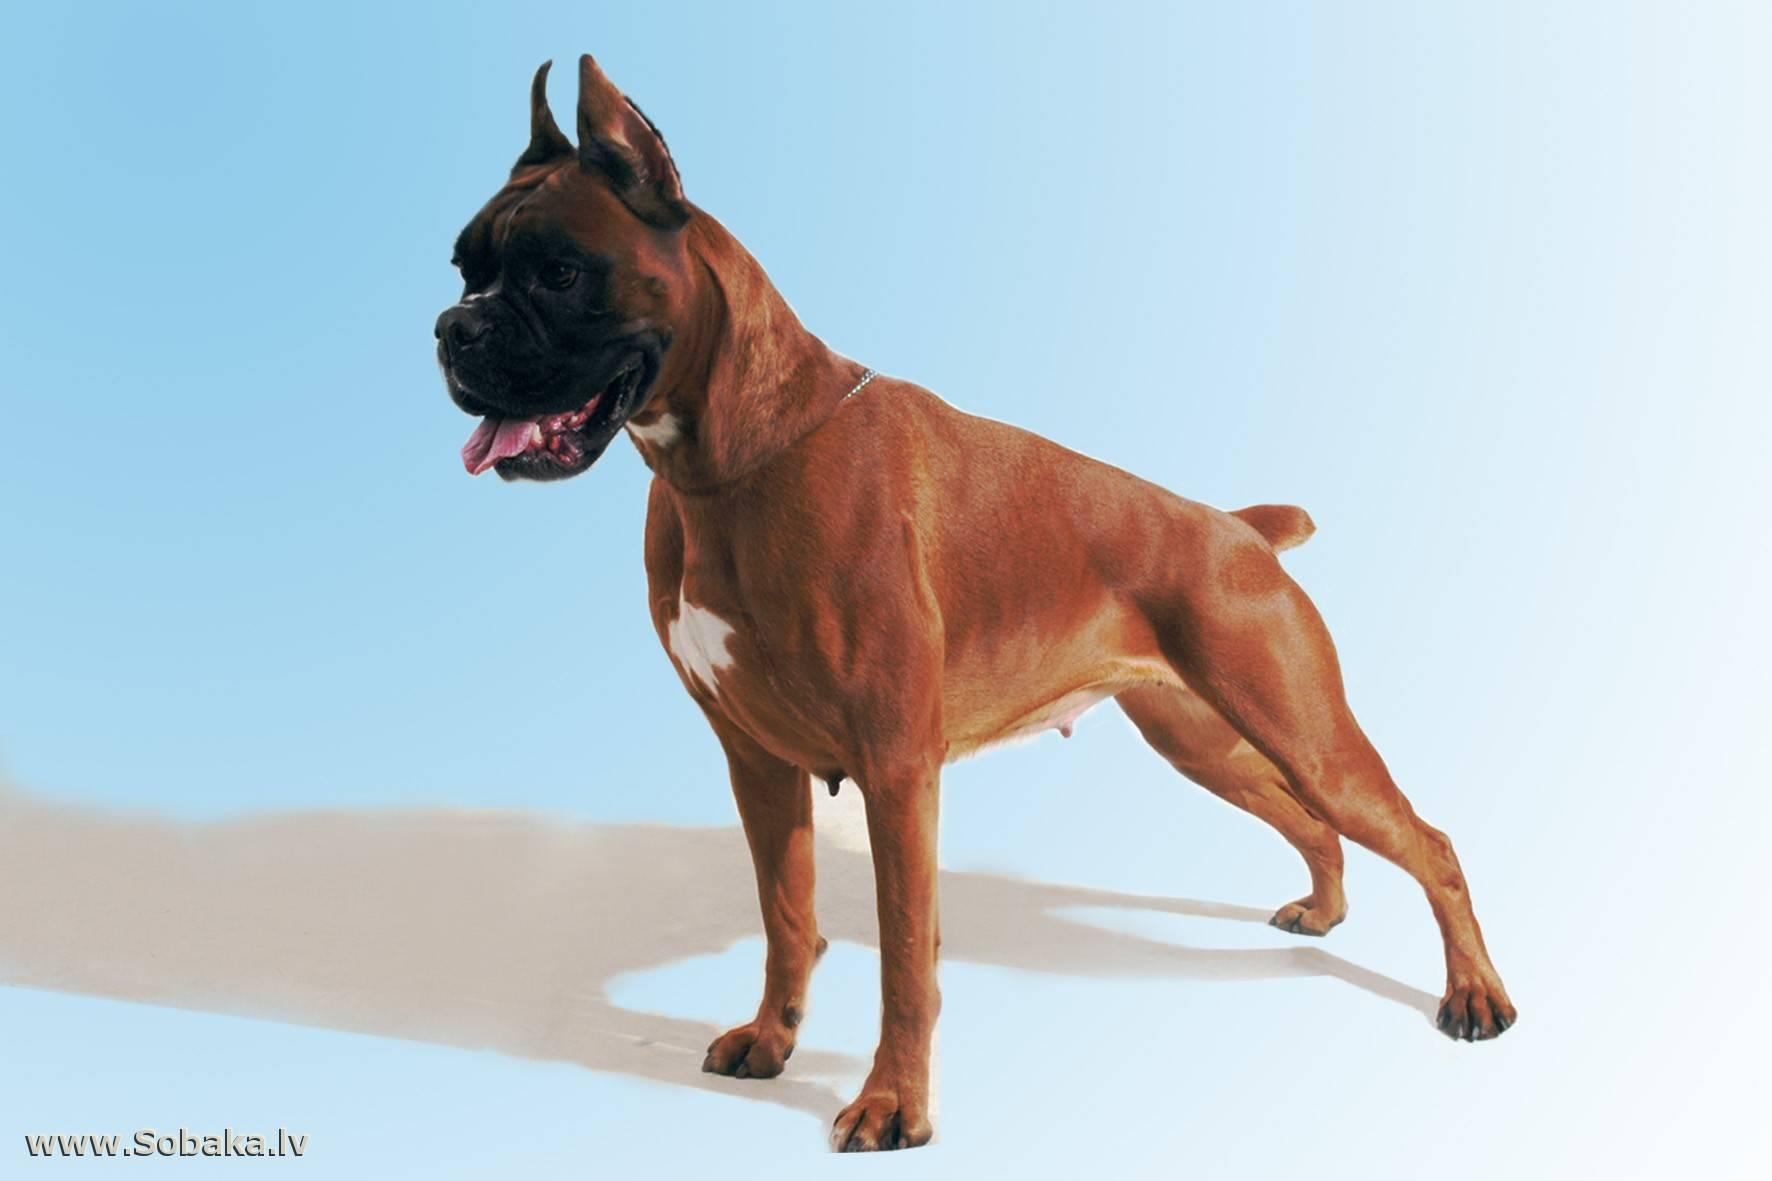 Немецкий боксер: лучшая порода собак, описание, характеристика, вес, как выглядит, щенки, стоимость